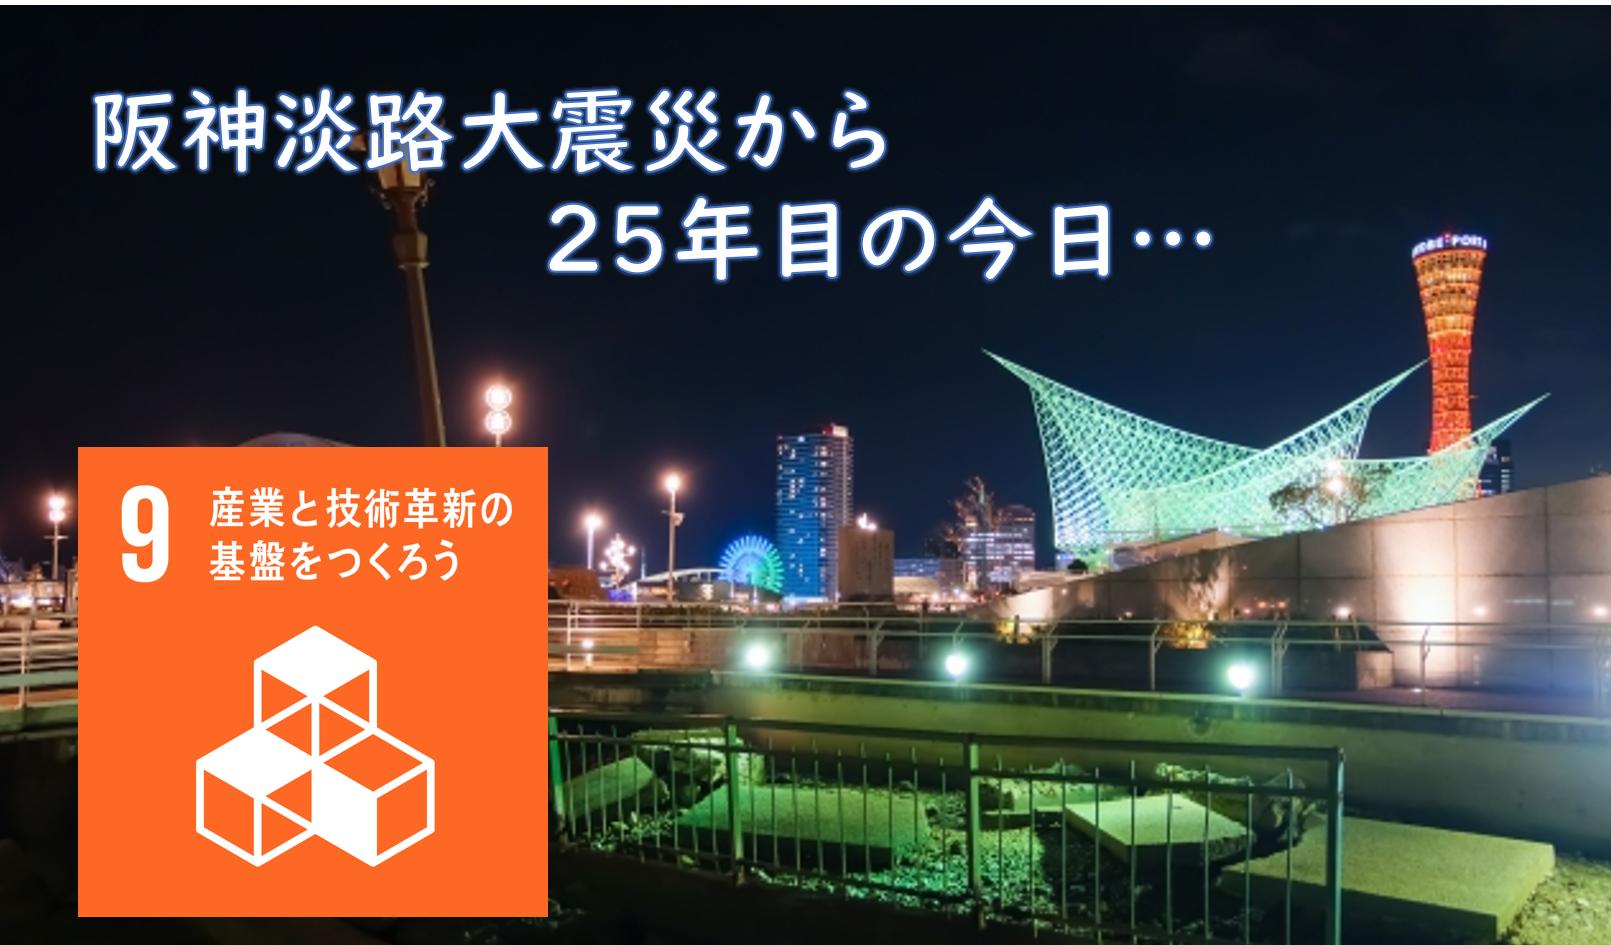 阪神淡路大震災について